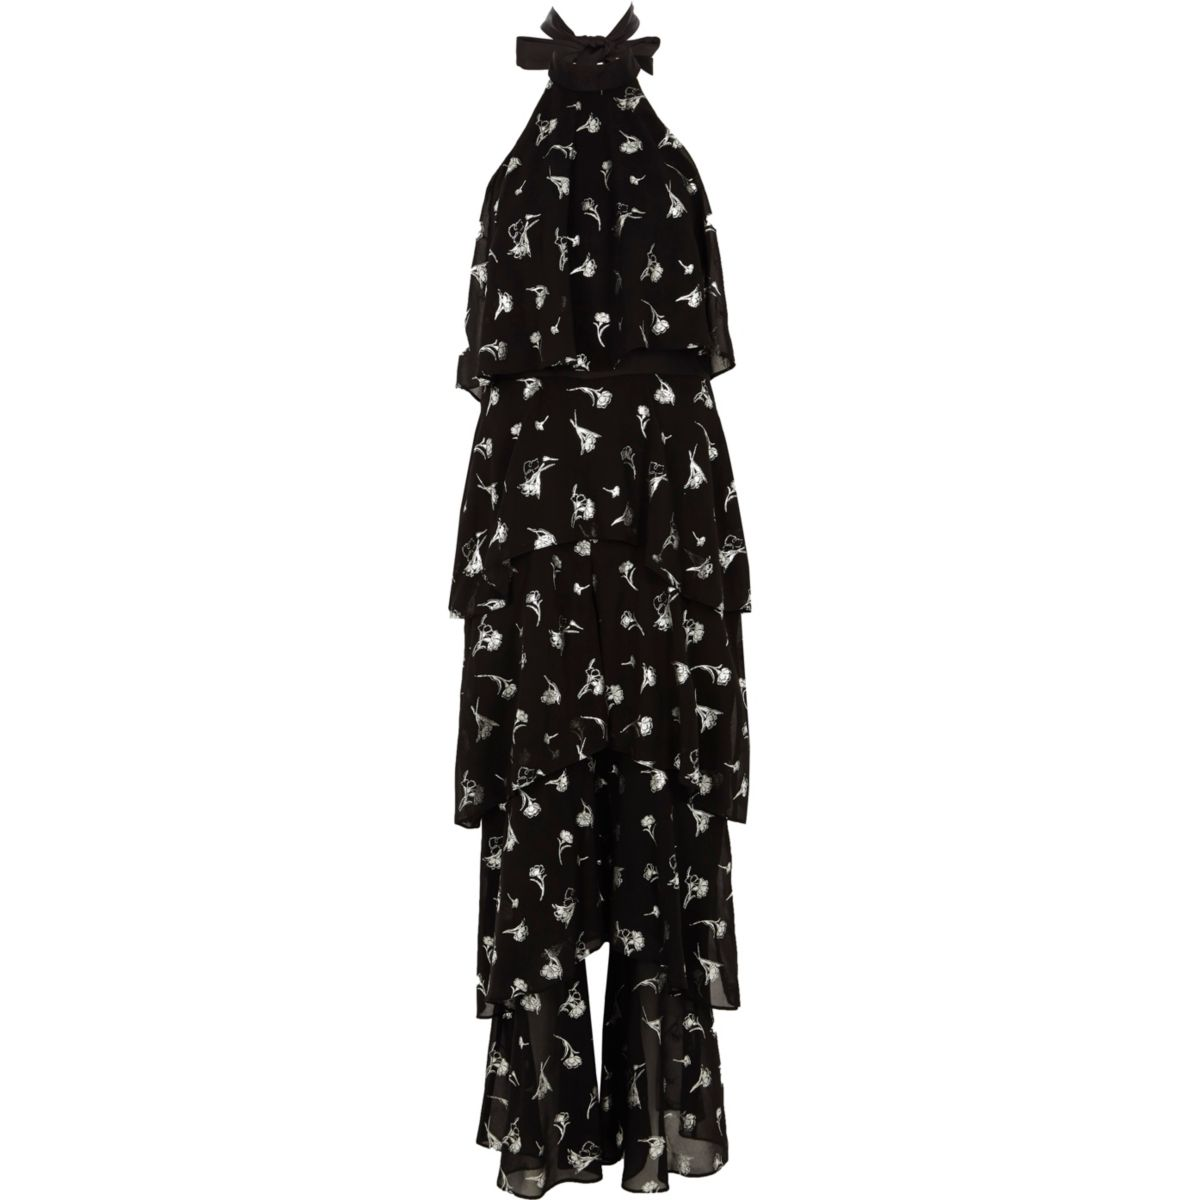 Zwarte jumpsuit met folieprint, wijde pijpen en halternek